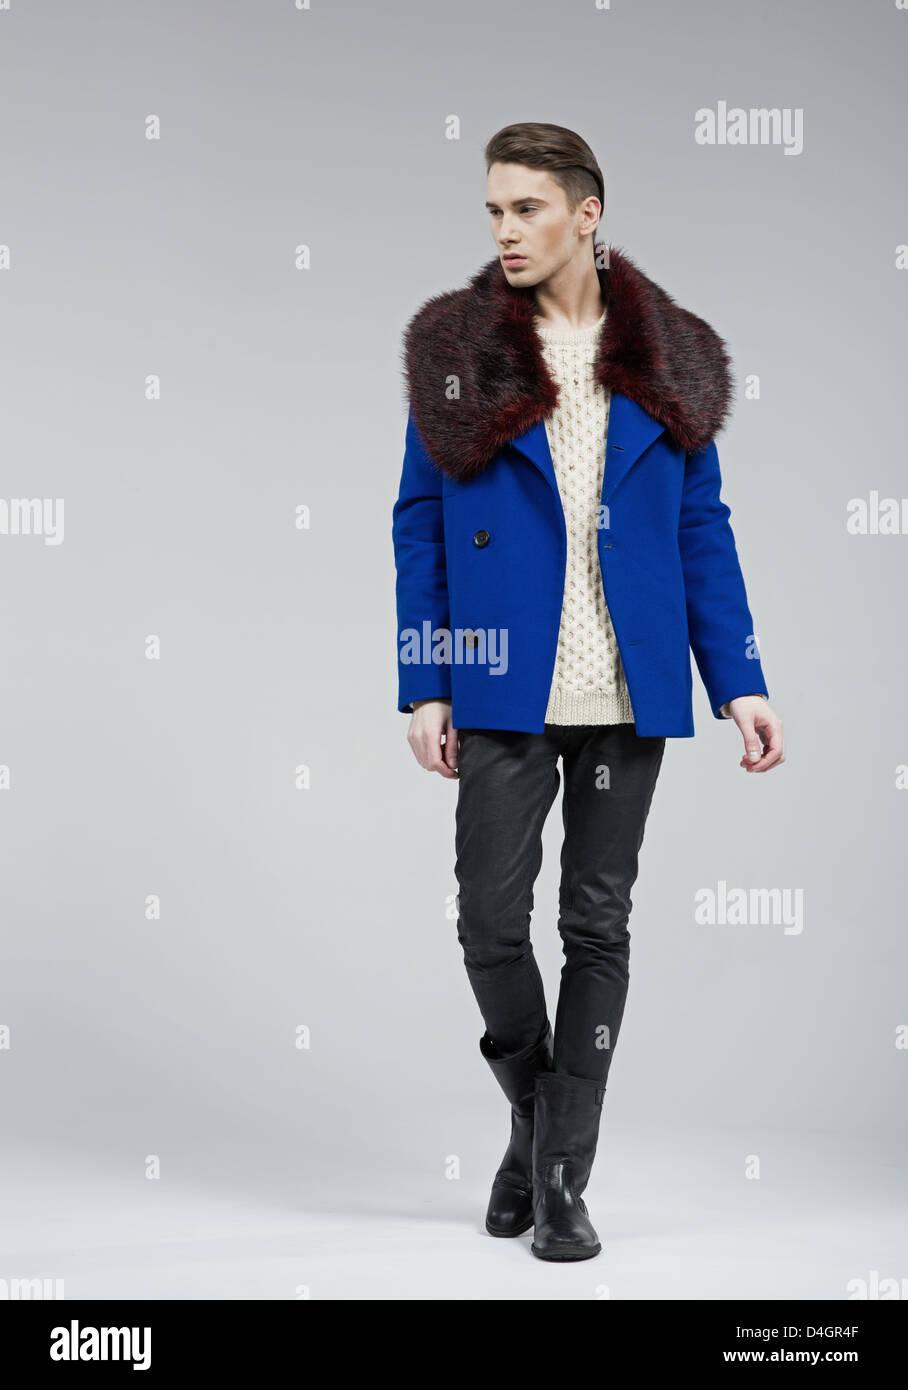 Bel homme élégant habillé en manteau bleu Photo Stock